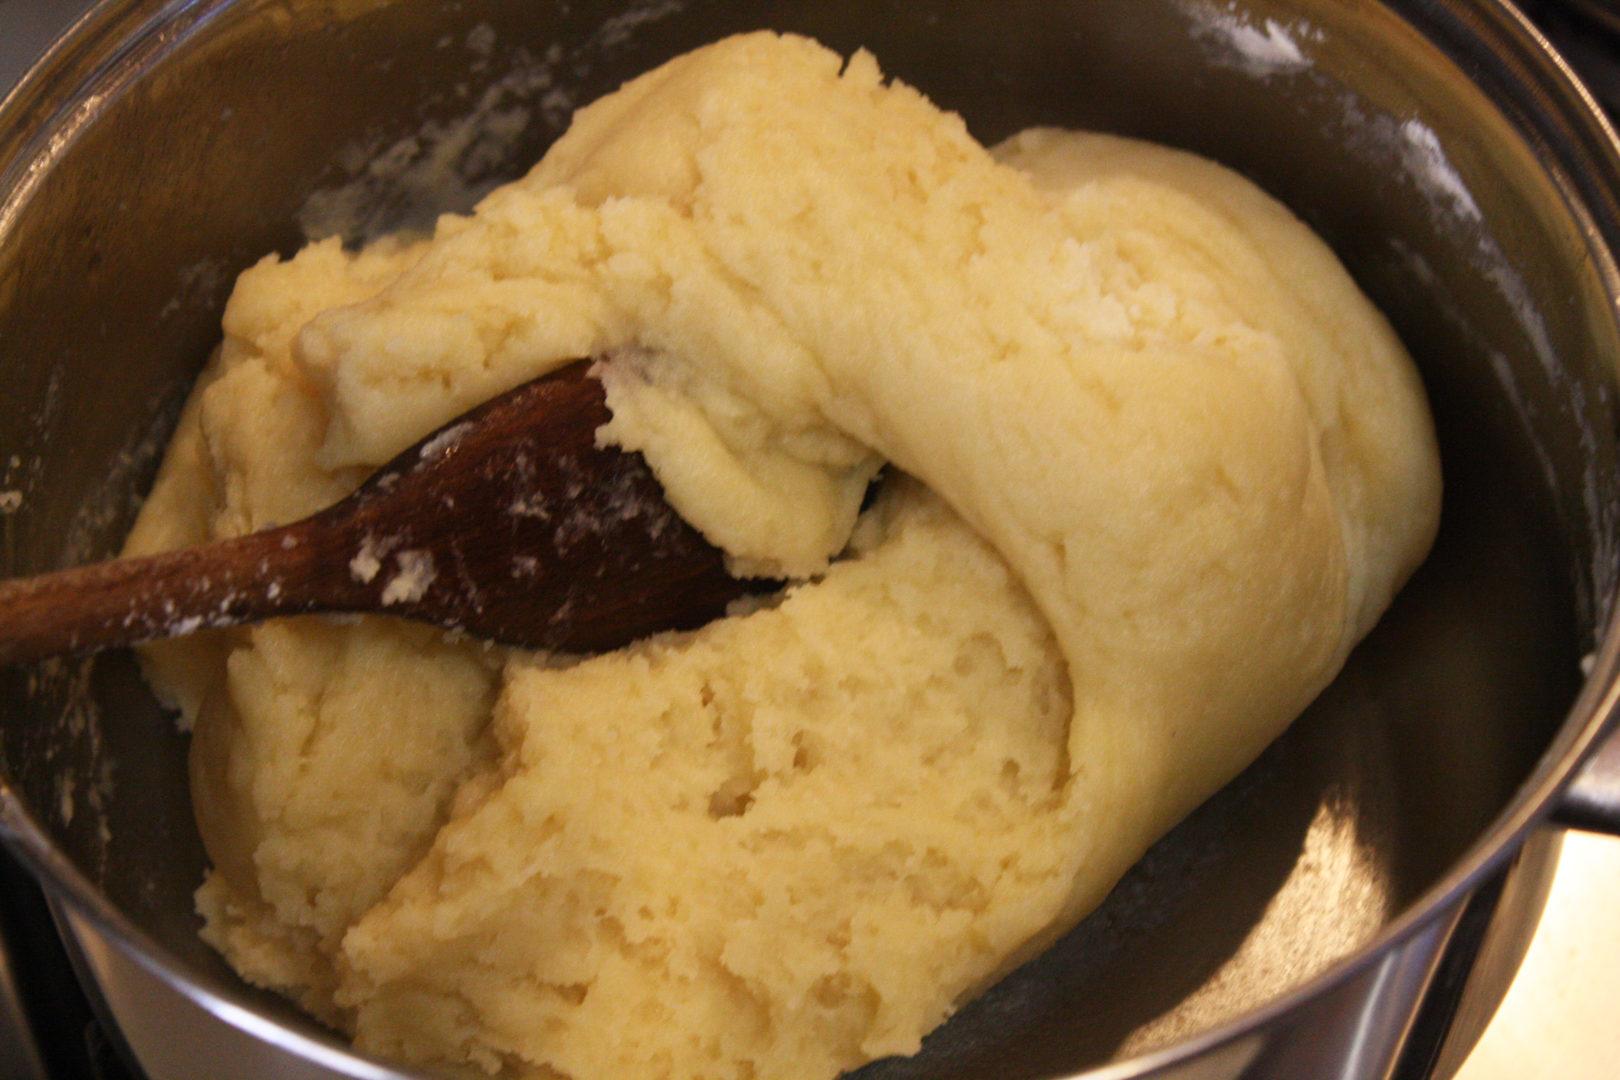 Bignè con crema e cioccolato